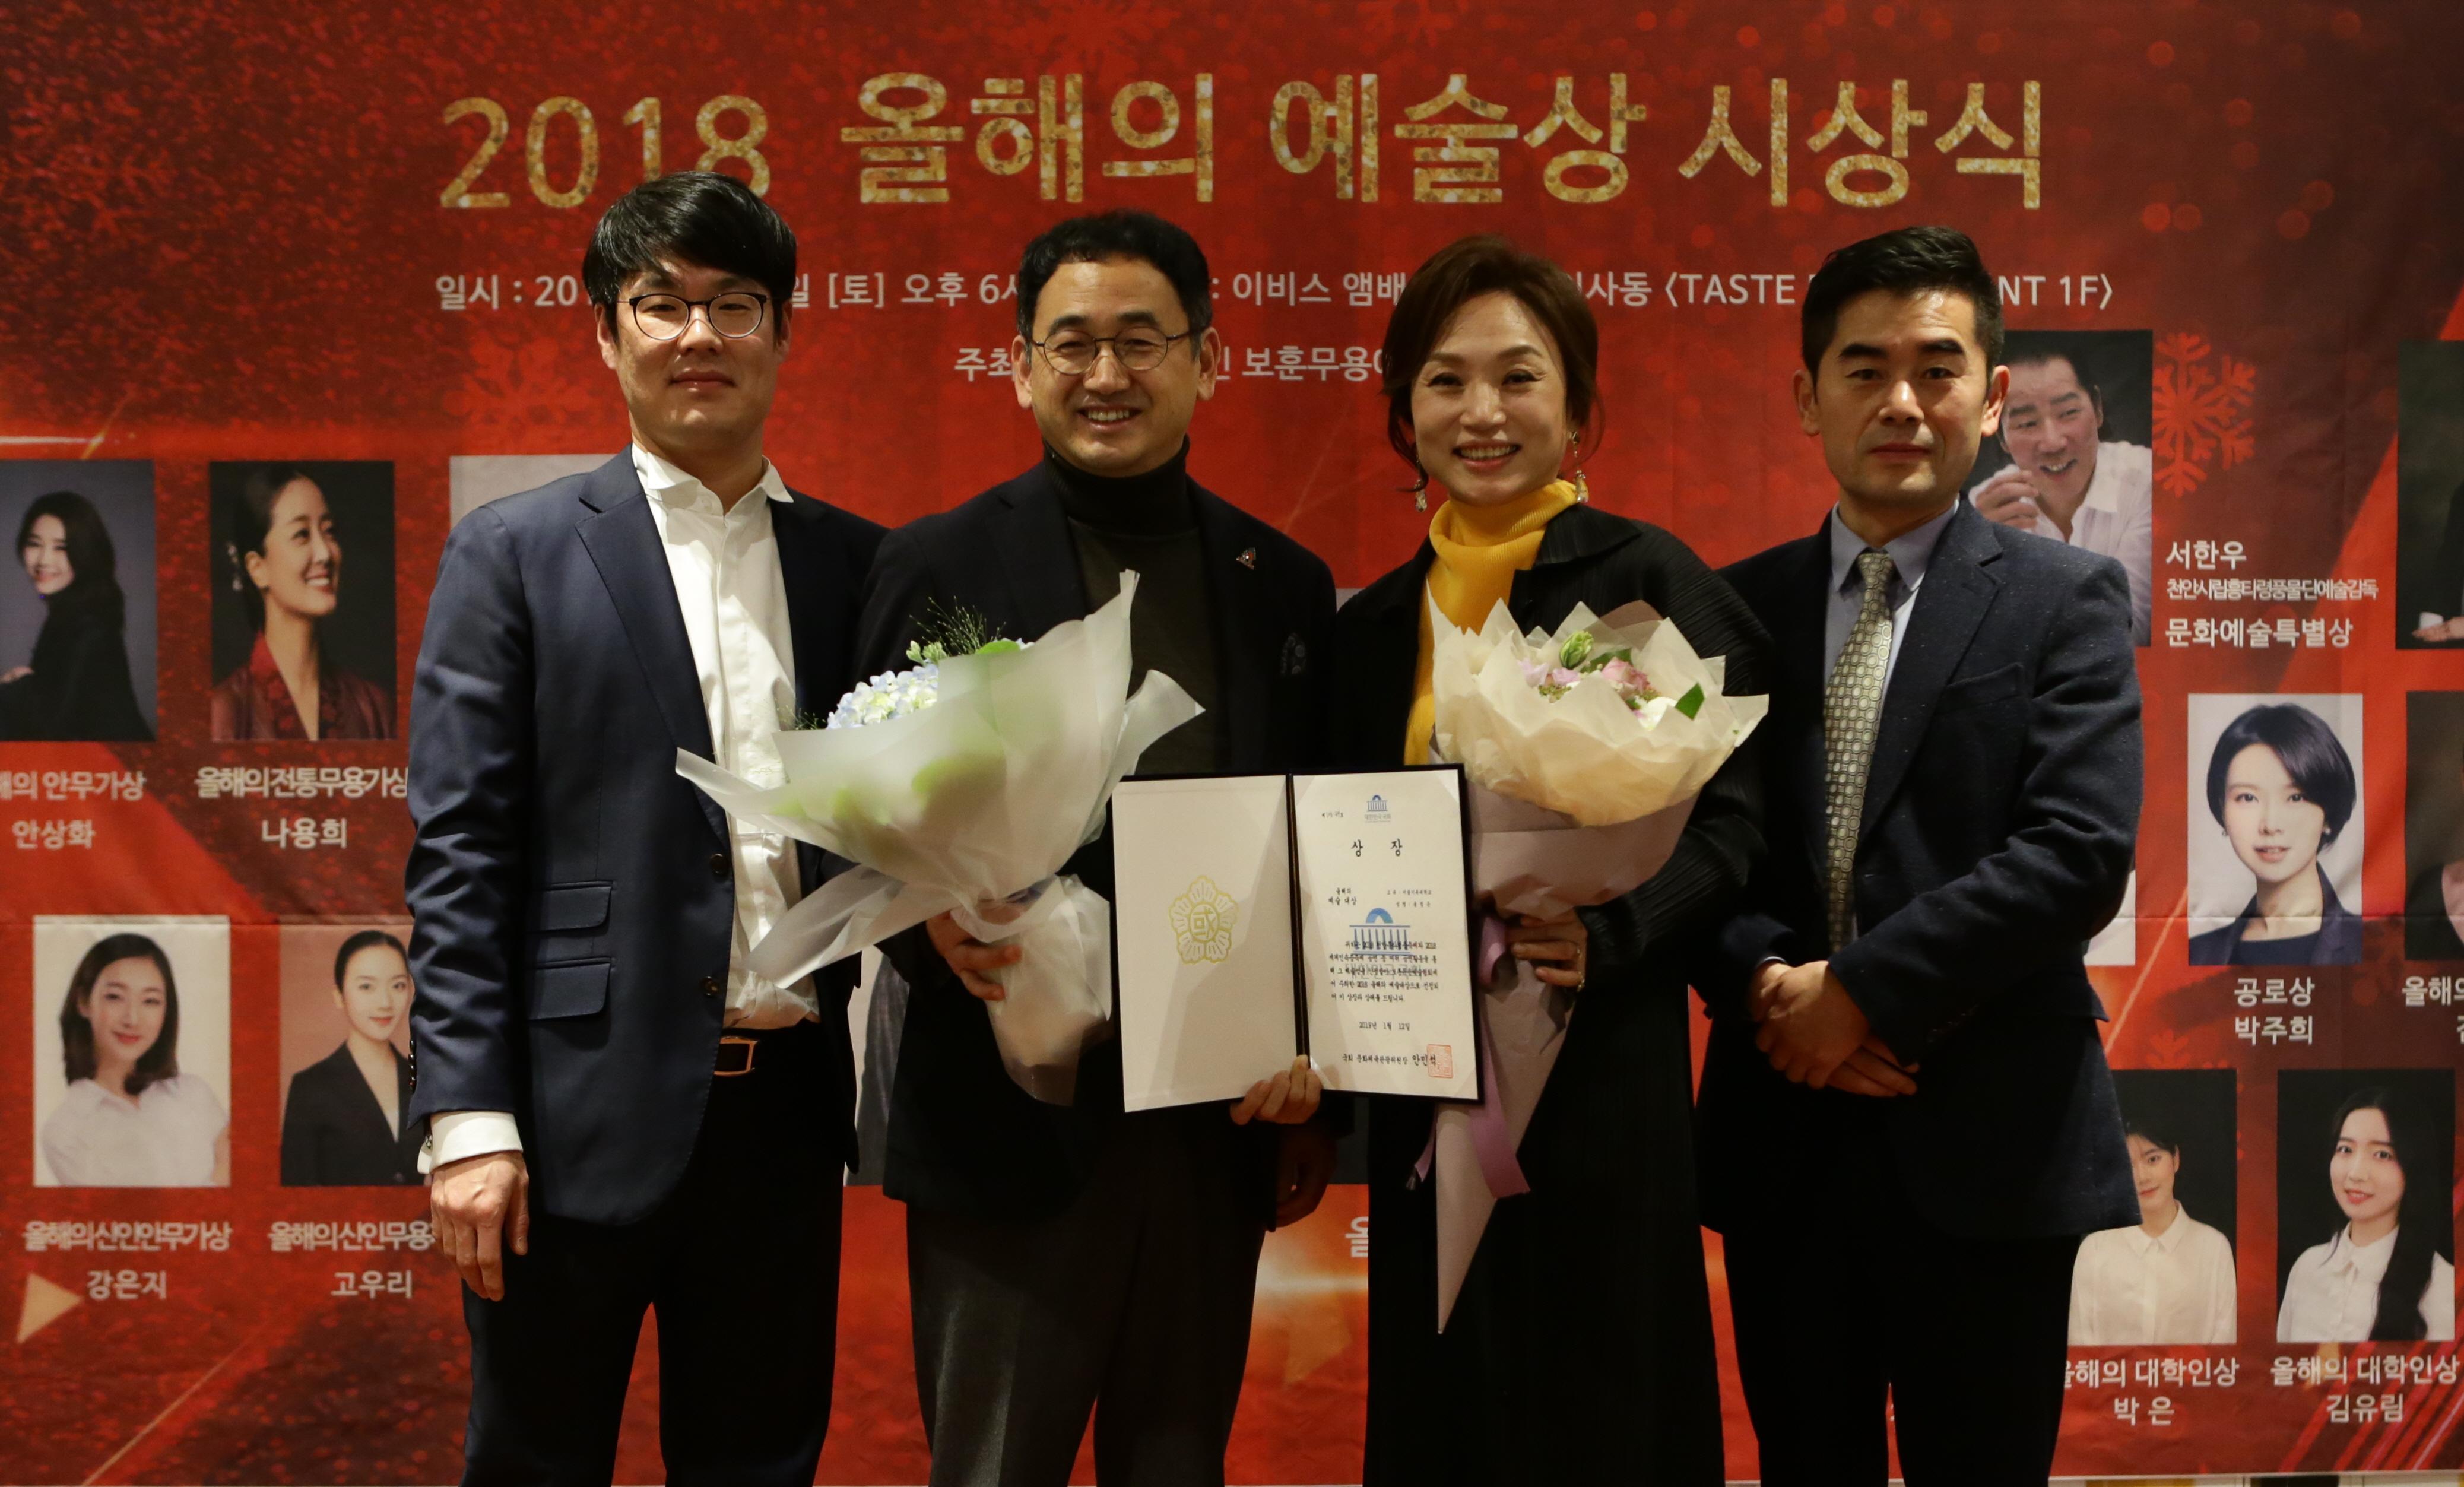 2018올해의 예술상 시상식 (102).JPG